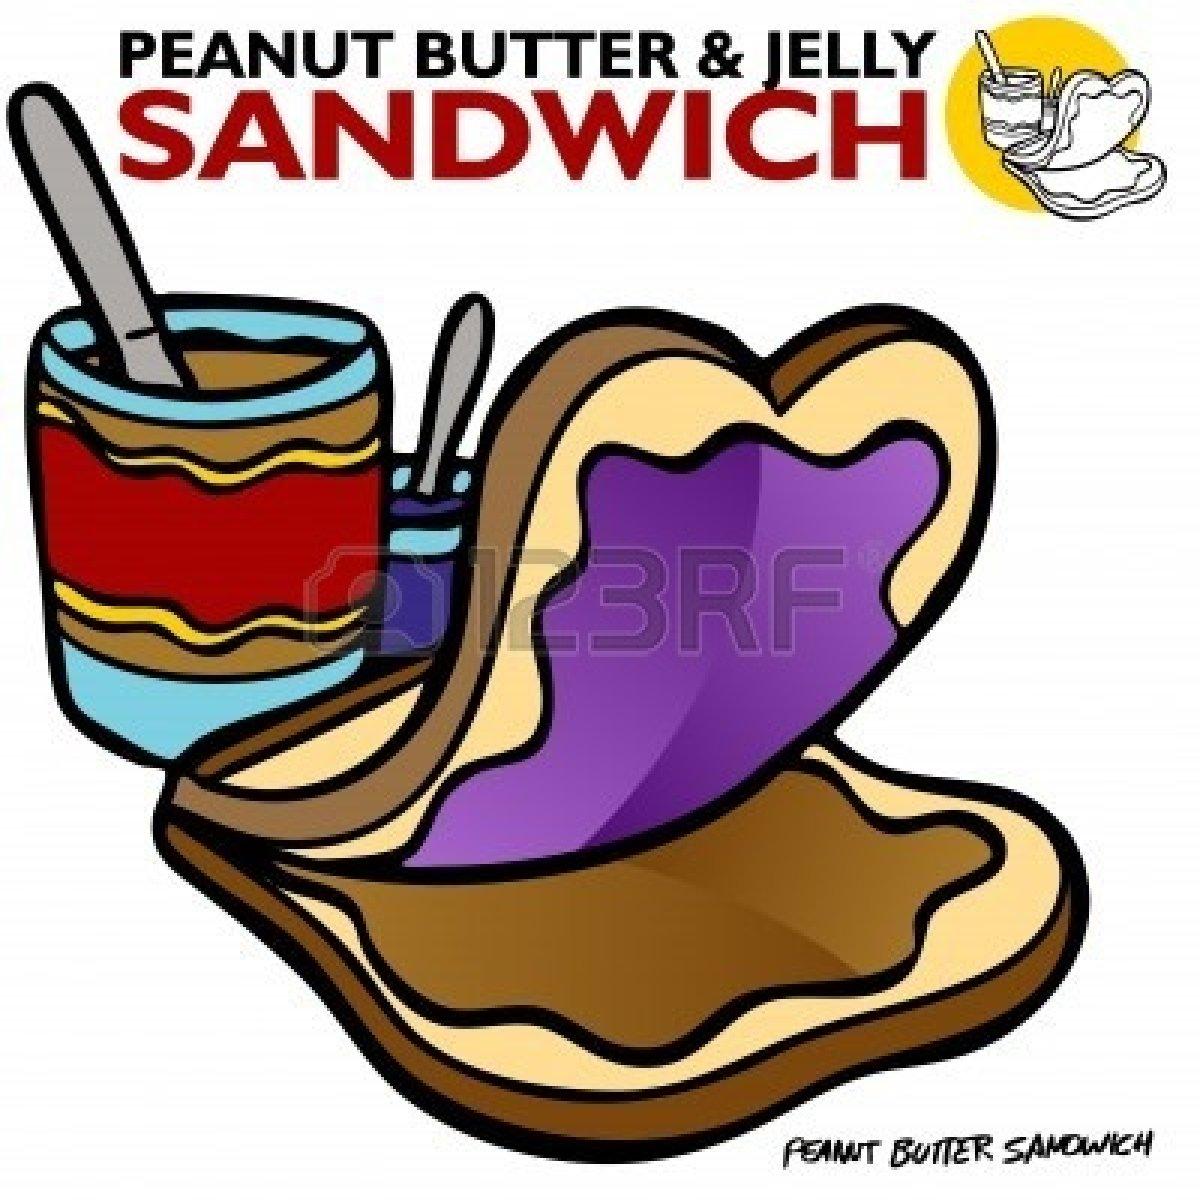 Peanut Butter Sandwich No Jelly.